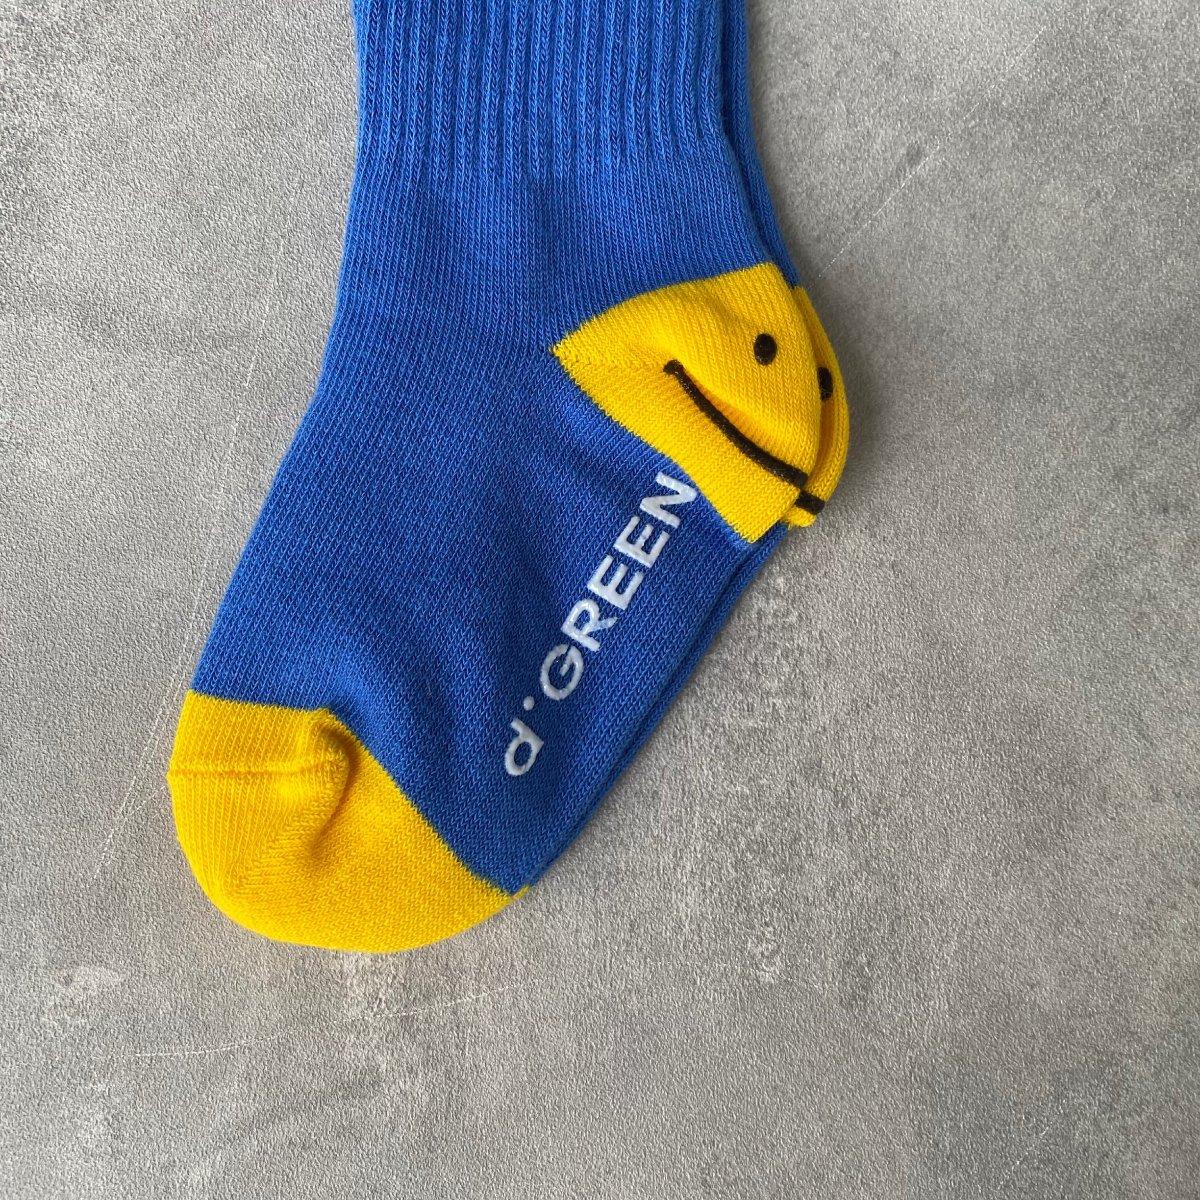 【BABY】Smile Socks 詳細画像19